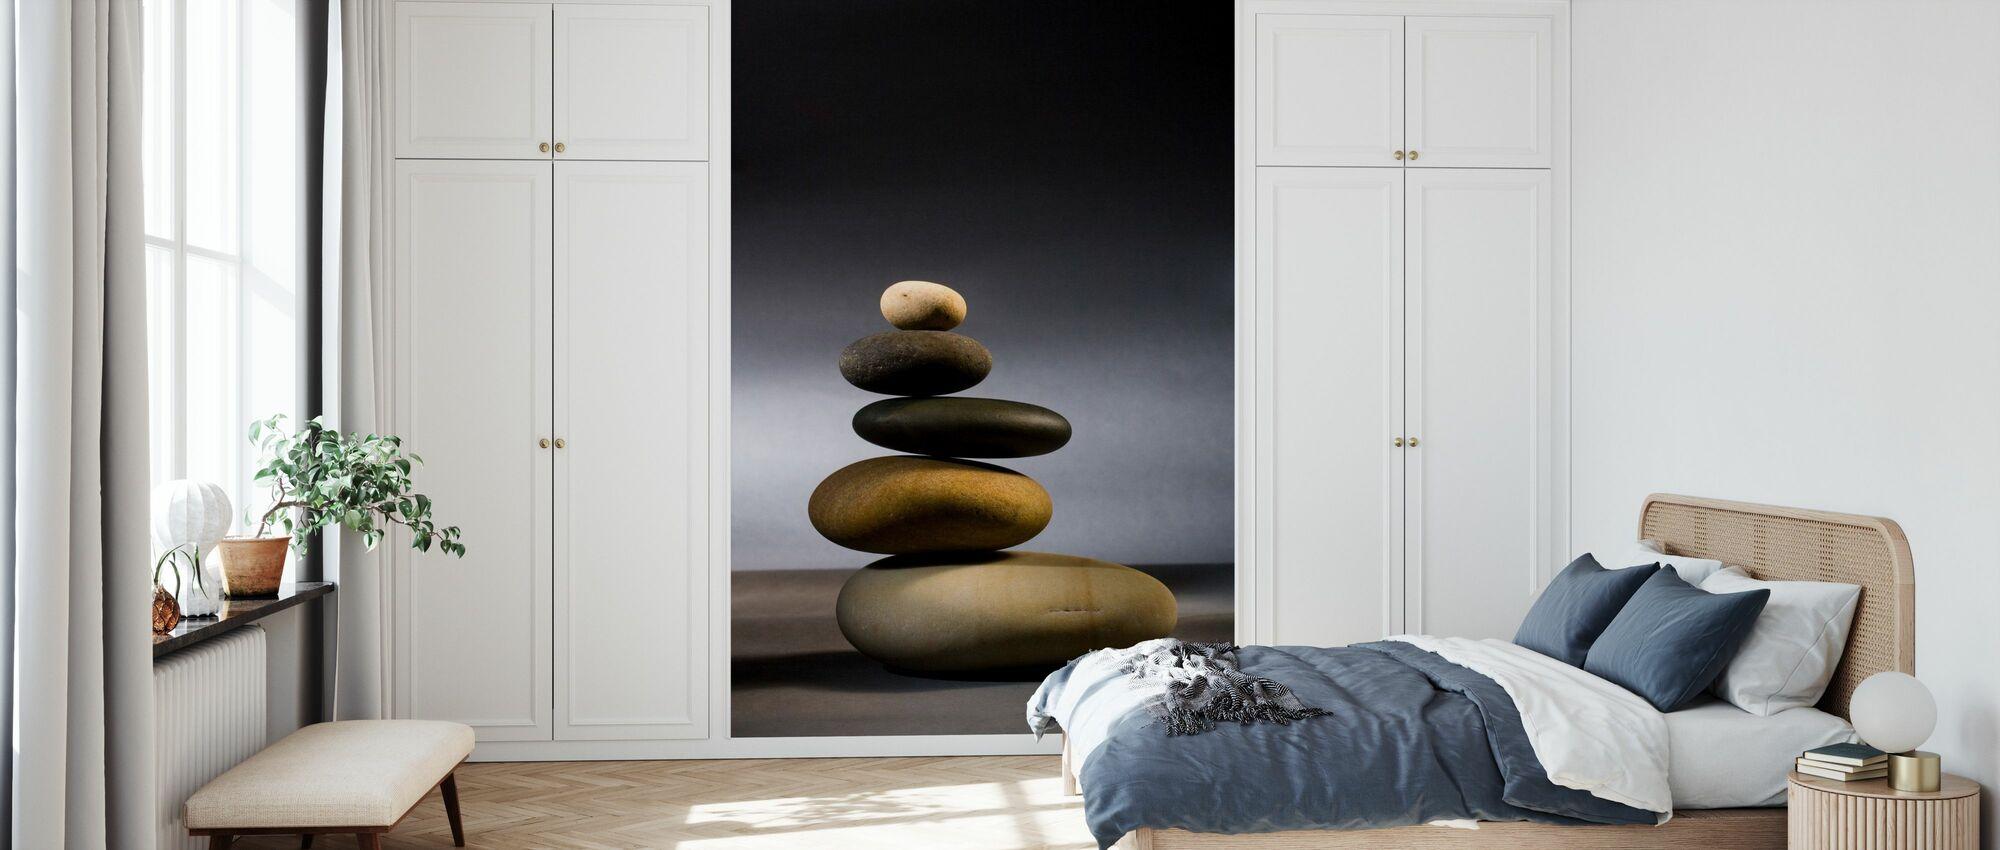 Steiner i Zen-balanse - Tapet - Soverom